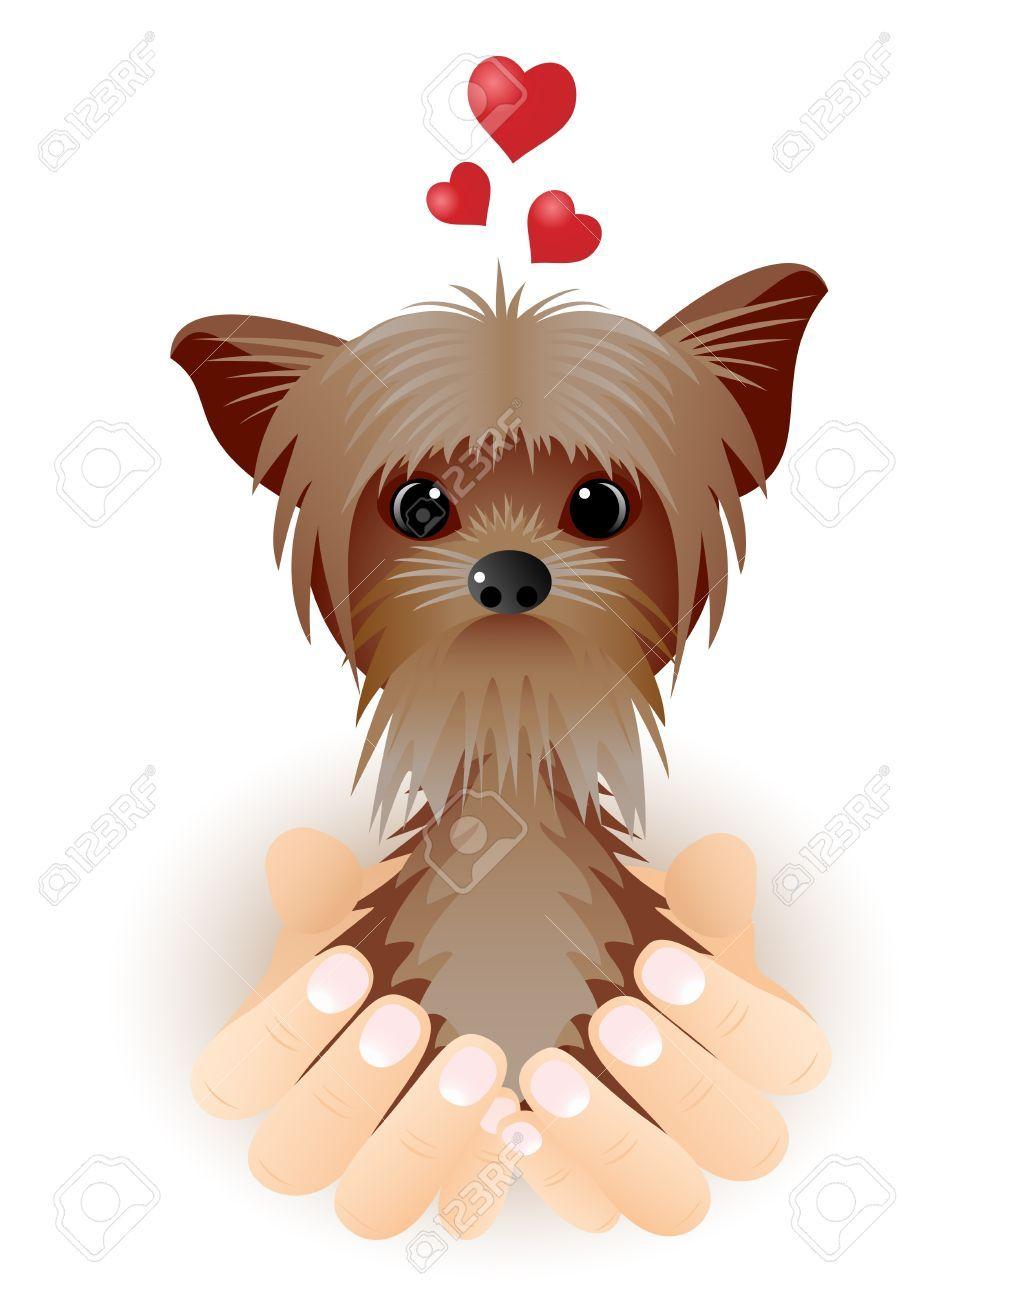 Imagen Relacionada Antistress Coloring Dog Art Cute Animals [ 1300 x 1014 Pixel ]